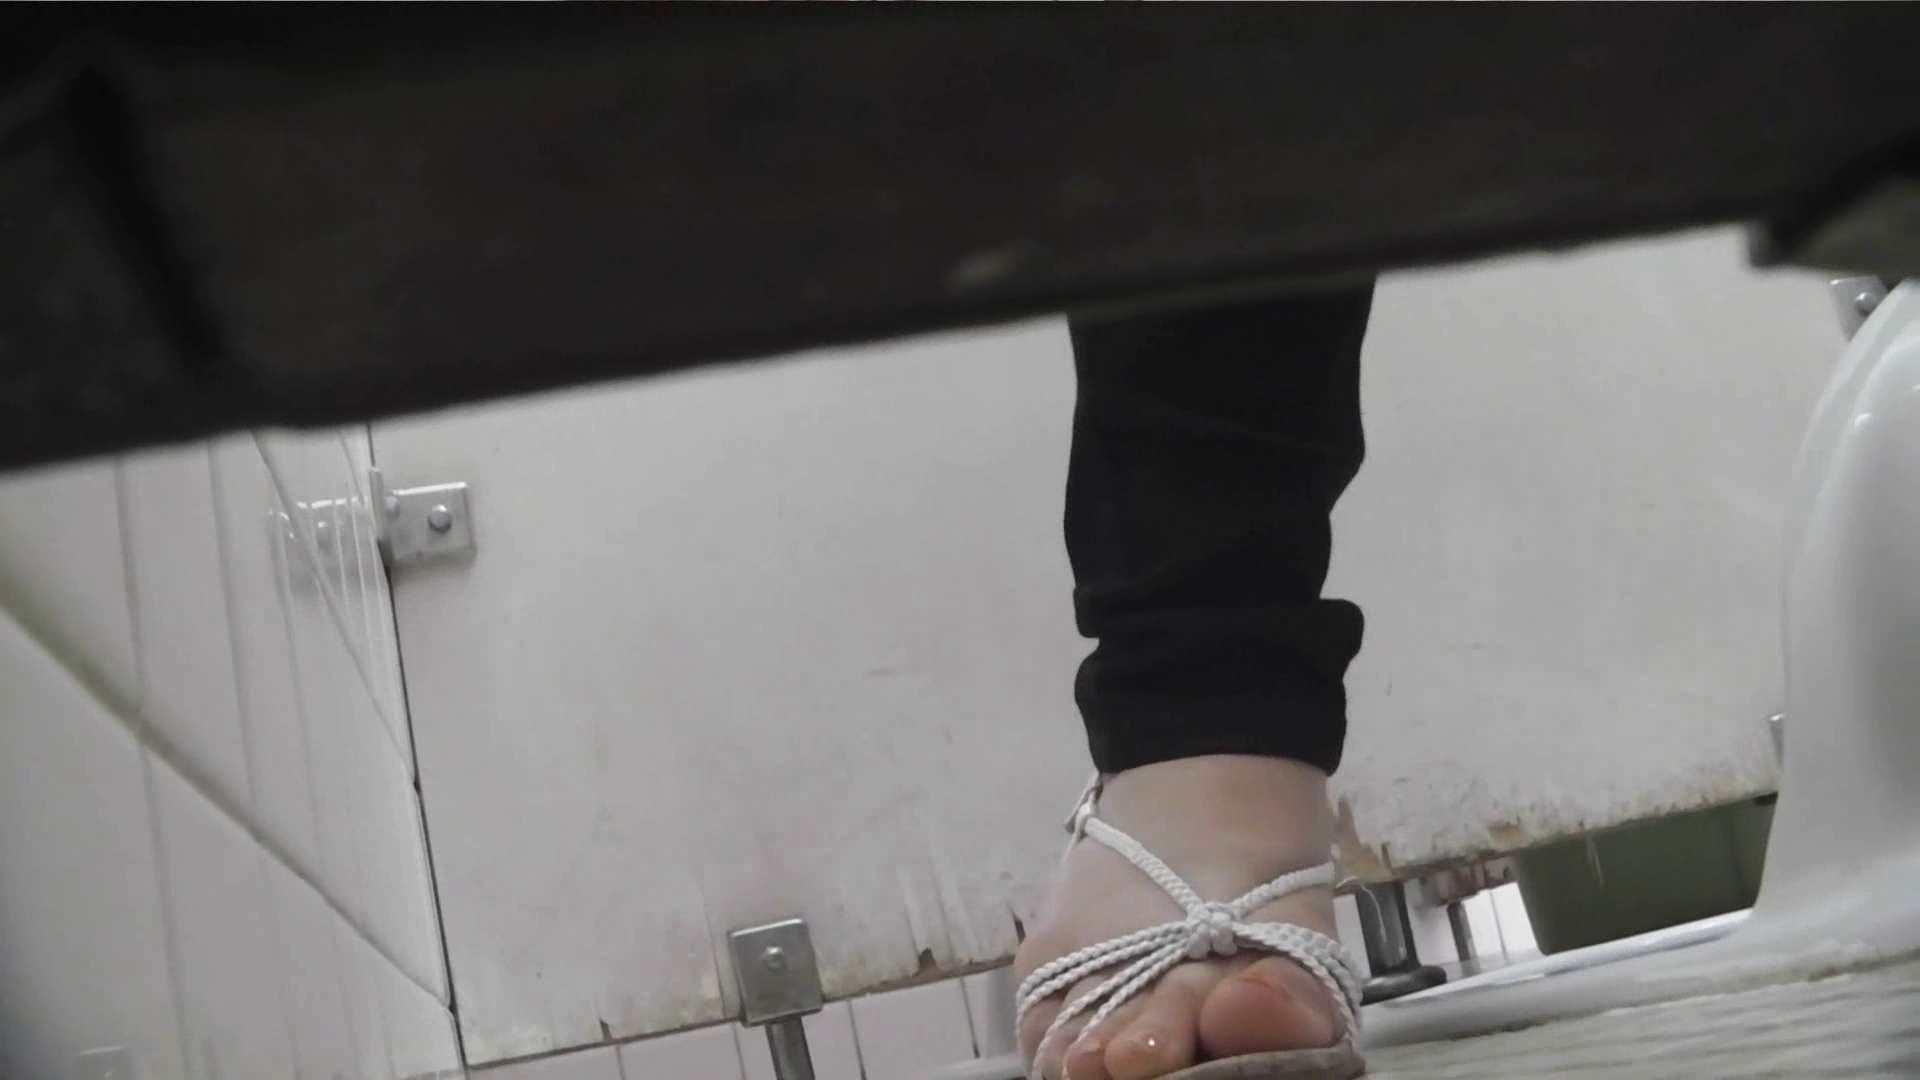 【美しき個室な世界】 vol.025 メガネ属性ヾ(´∀`)ノ 高画質 濡れ場動画紹介 84画像 68